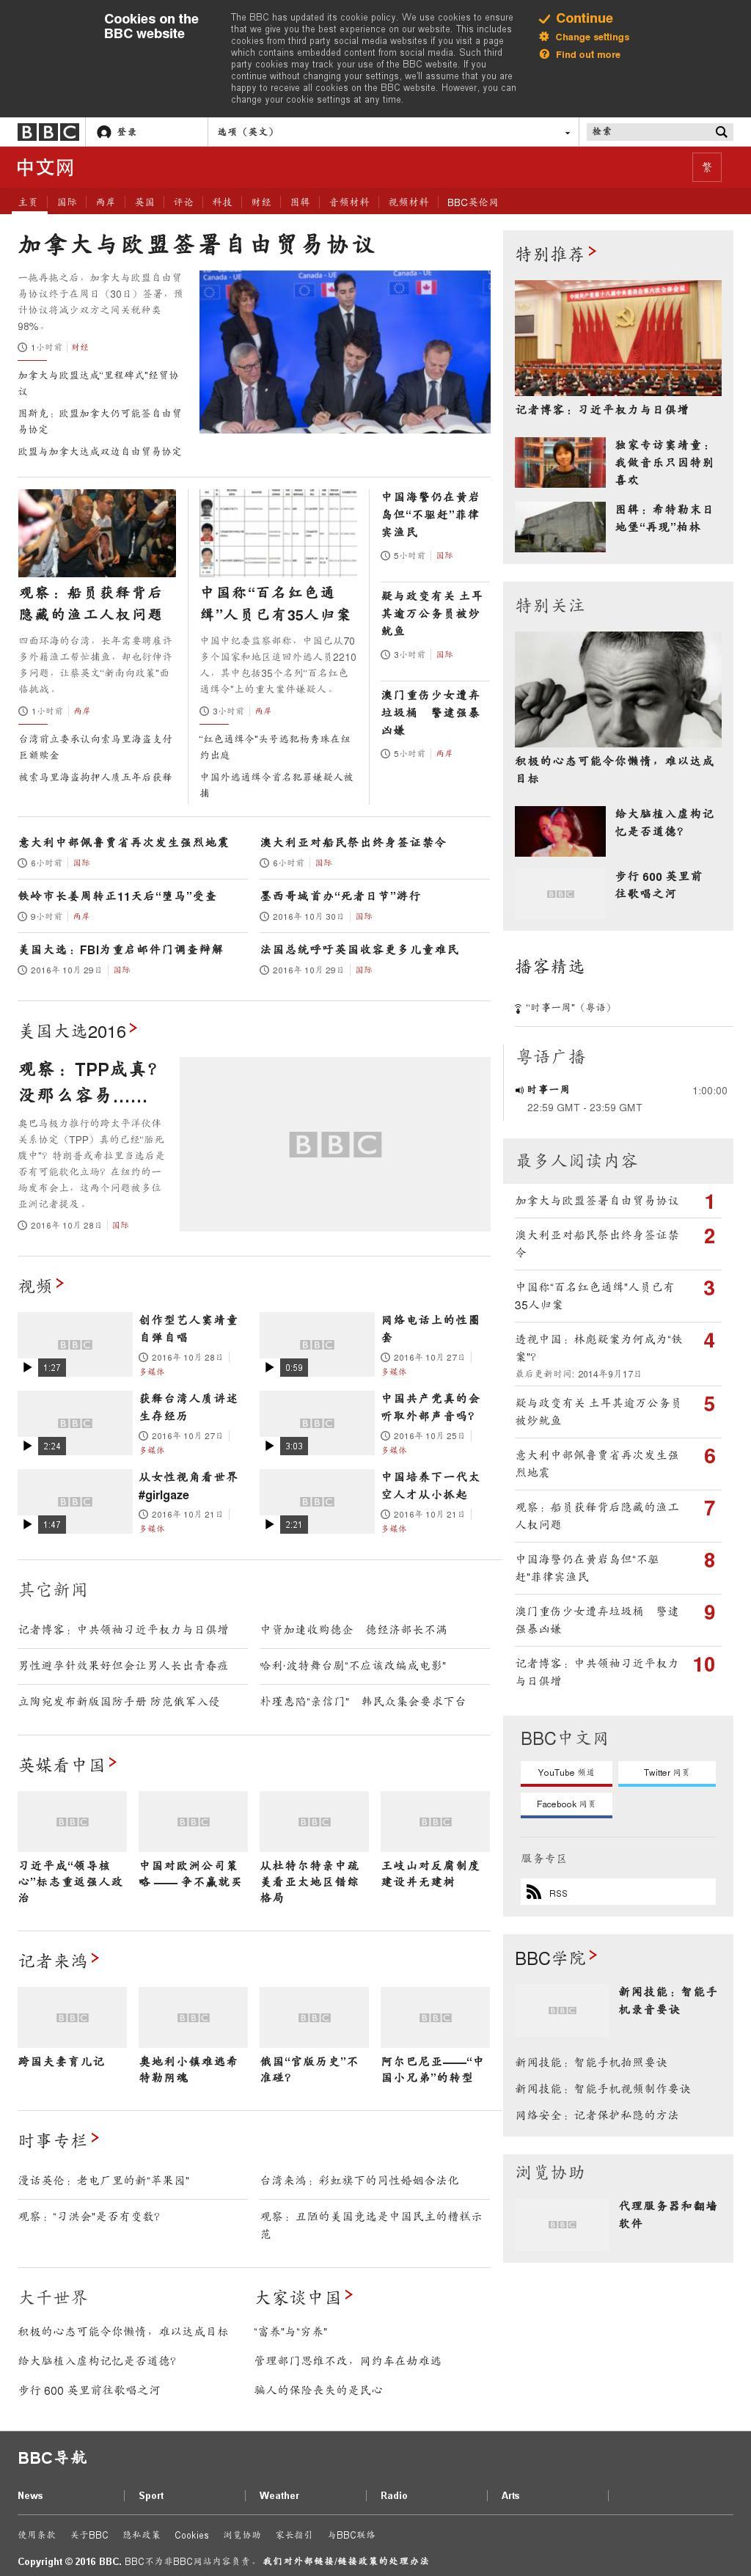 BBC (Chinese) at Sunday Oct. 30, 2016, 4 p.m. UTC